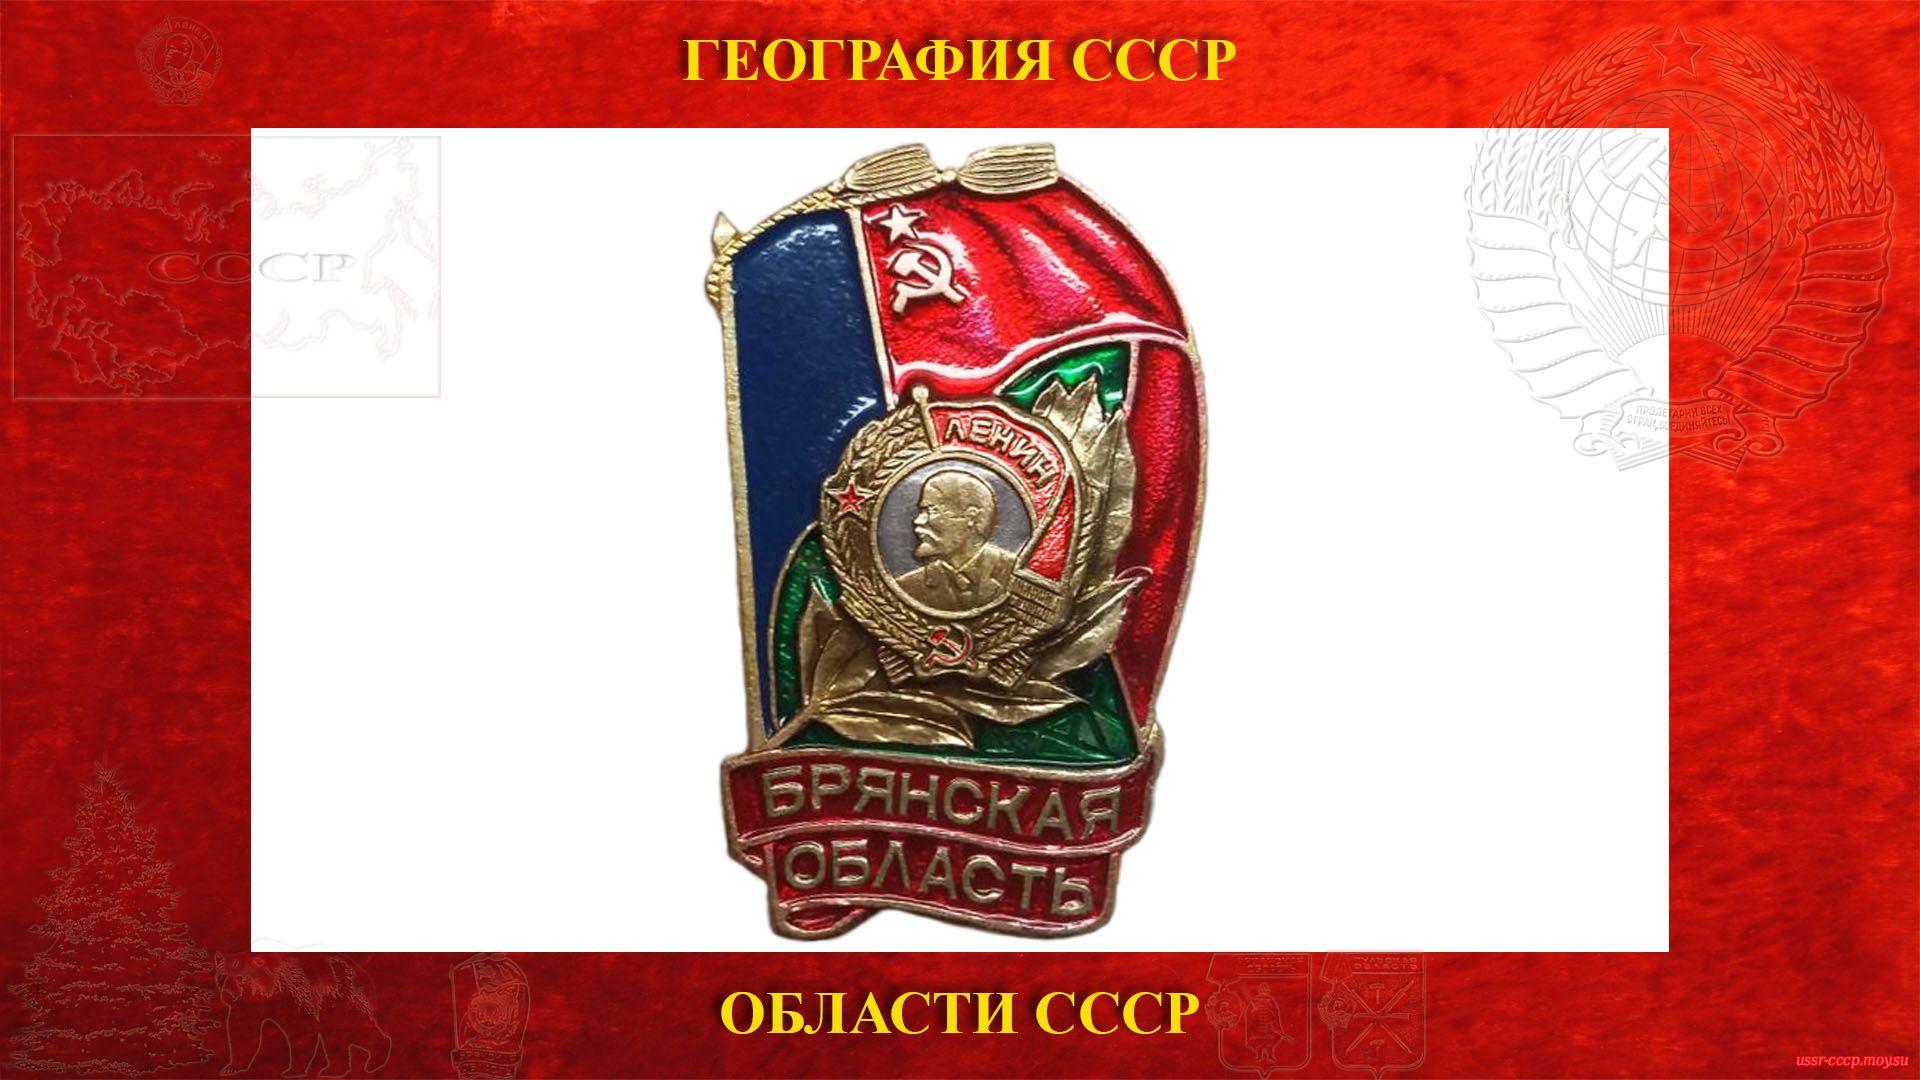 Брянская область — Областной центр РСФСР в составе СССР (05.07.1944)